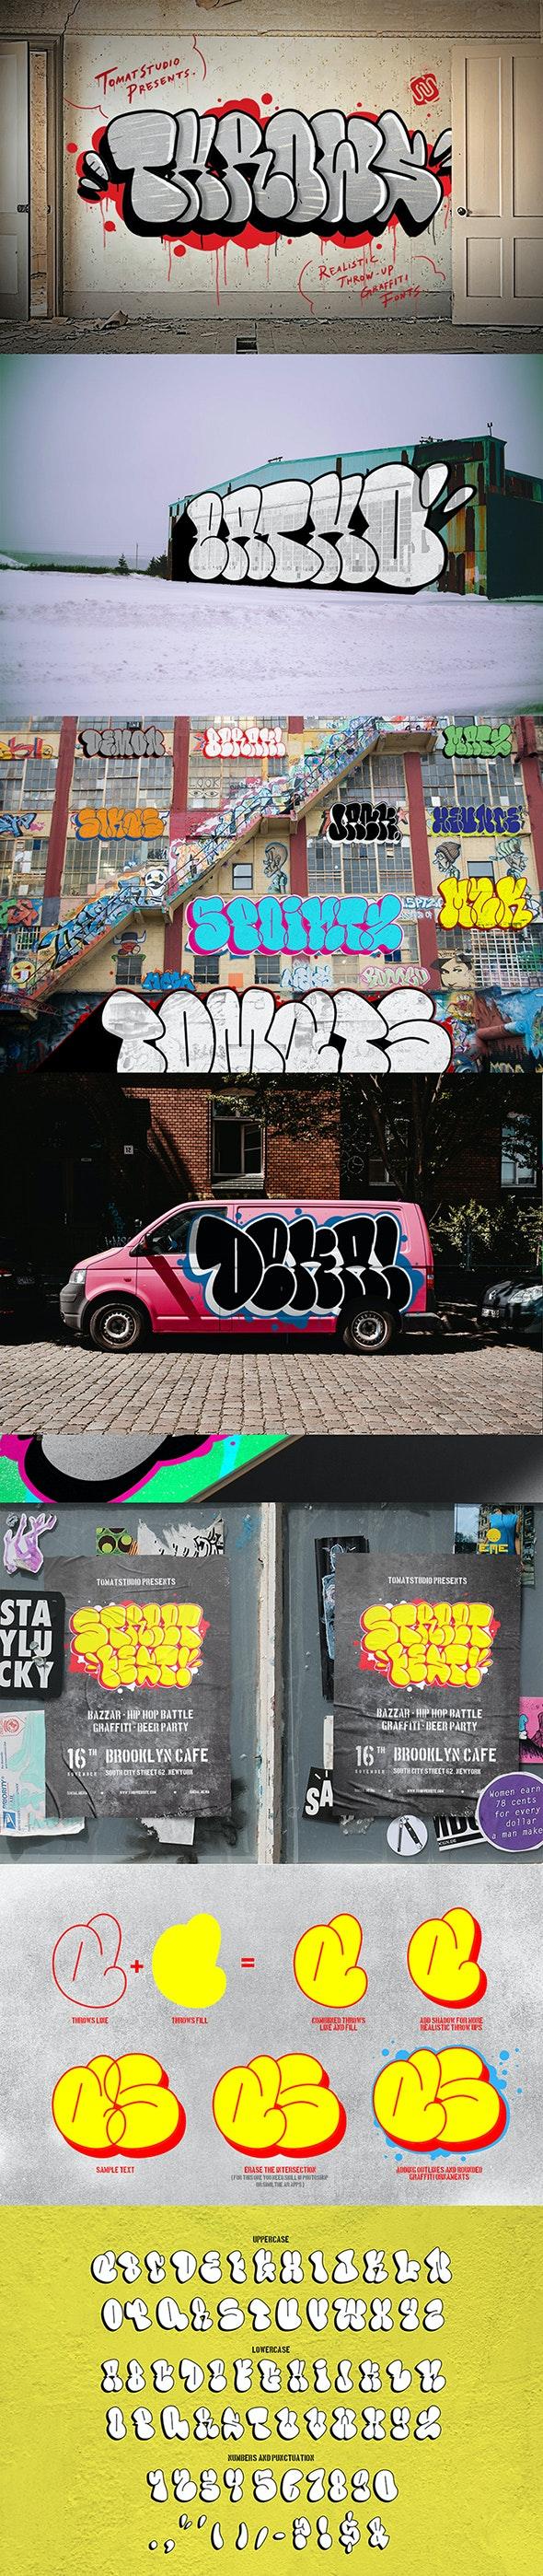 Graffiti Fonts | Throws - Graffiti Fonts